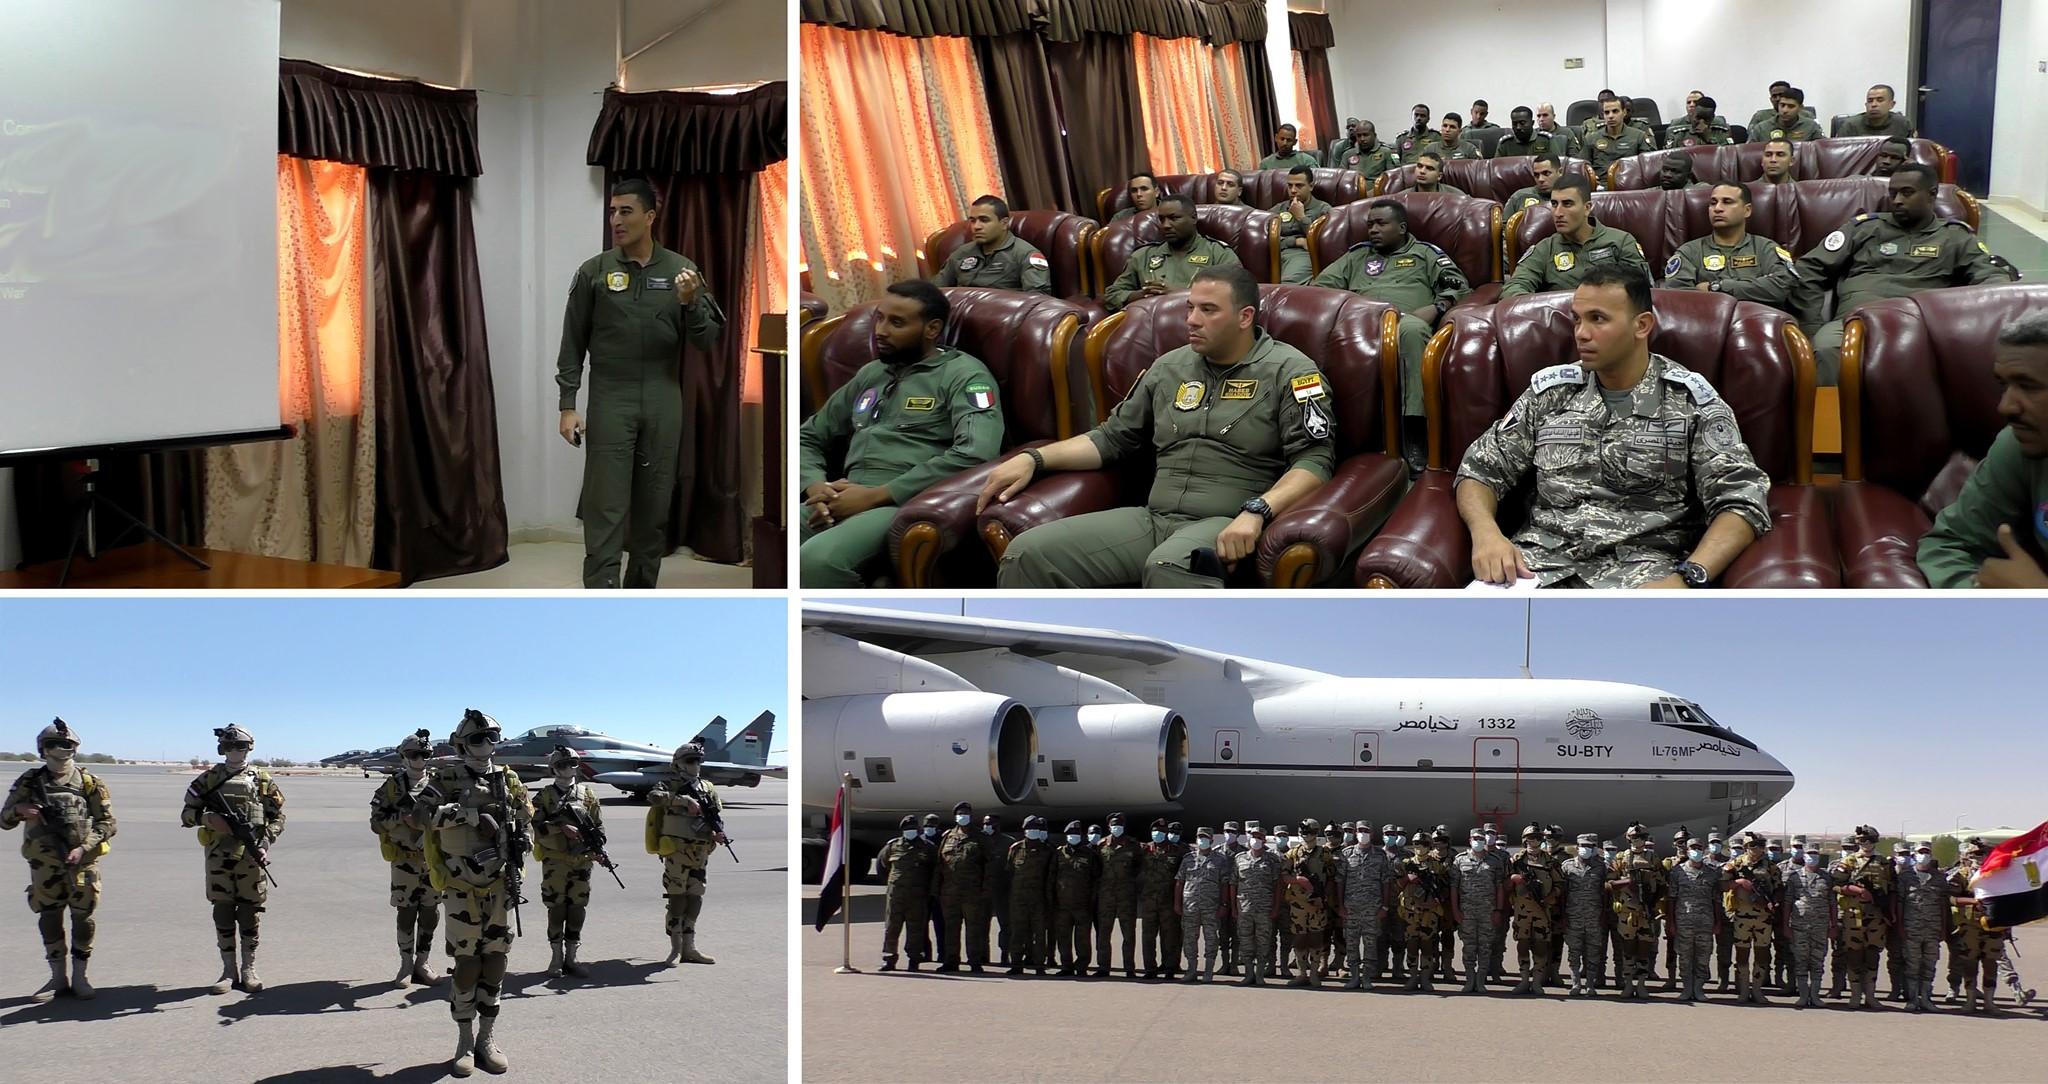 القوات المسلحة المصرية والسودانية تنفذان التدريب الجوي «نسور النيل 1»